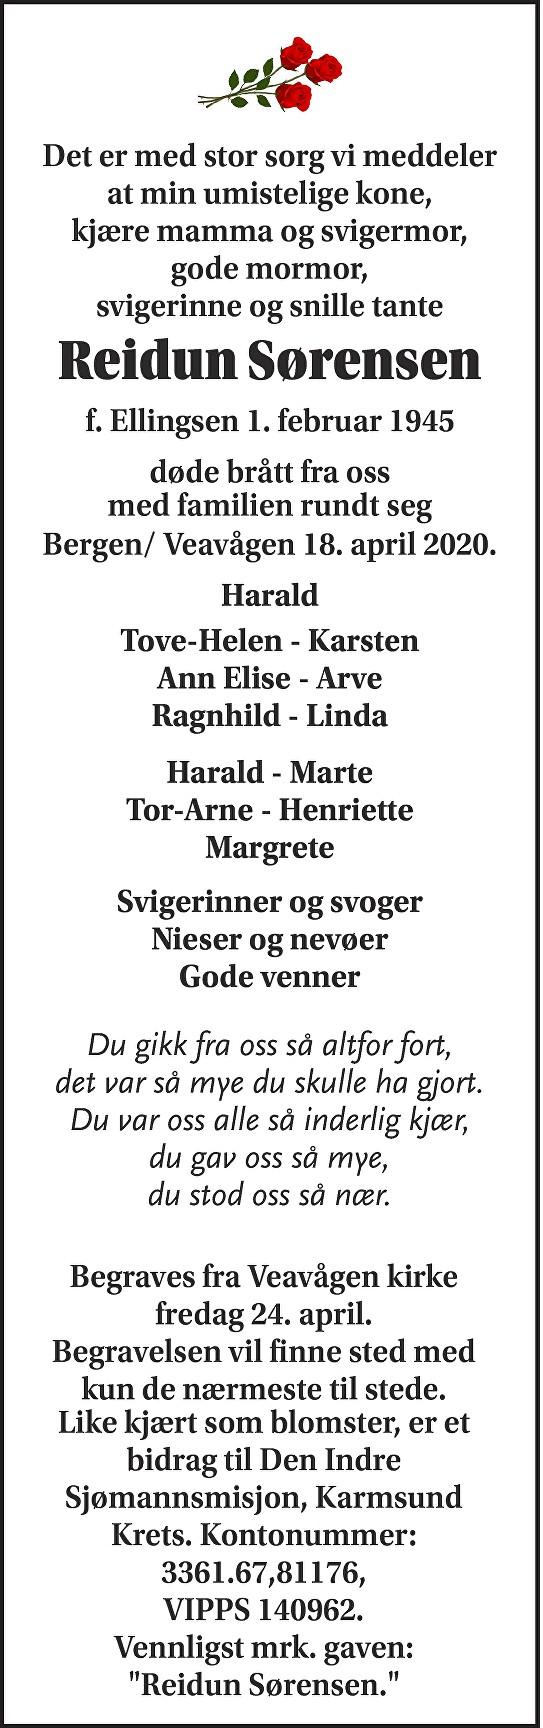 Reidun Sørensen Dødsannonse